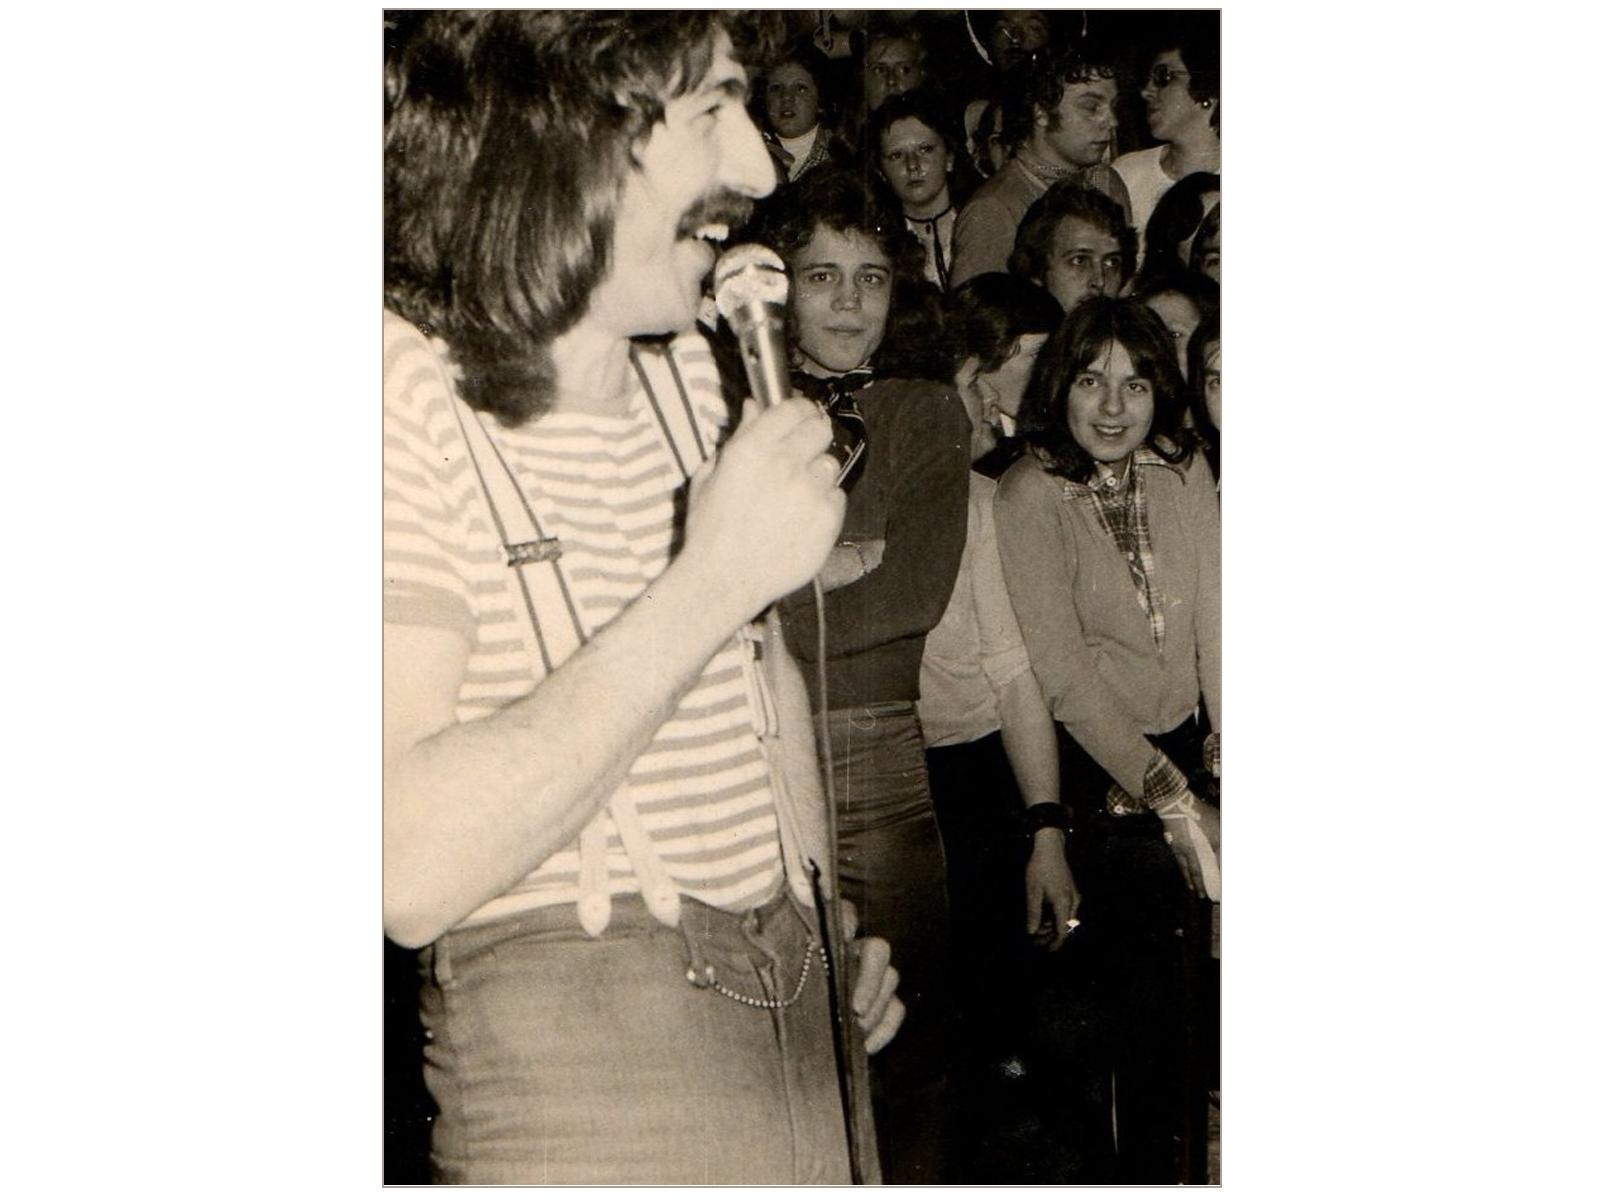 Diskothek Popeye 1976. Leihgabe von Kalle Möller.